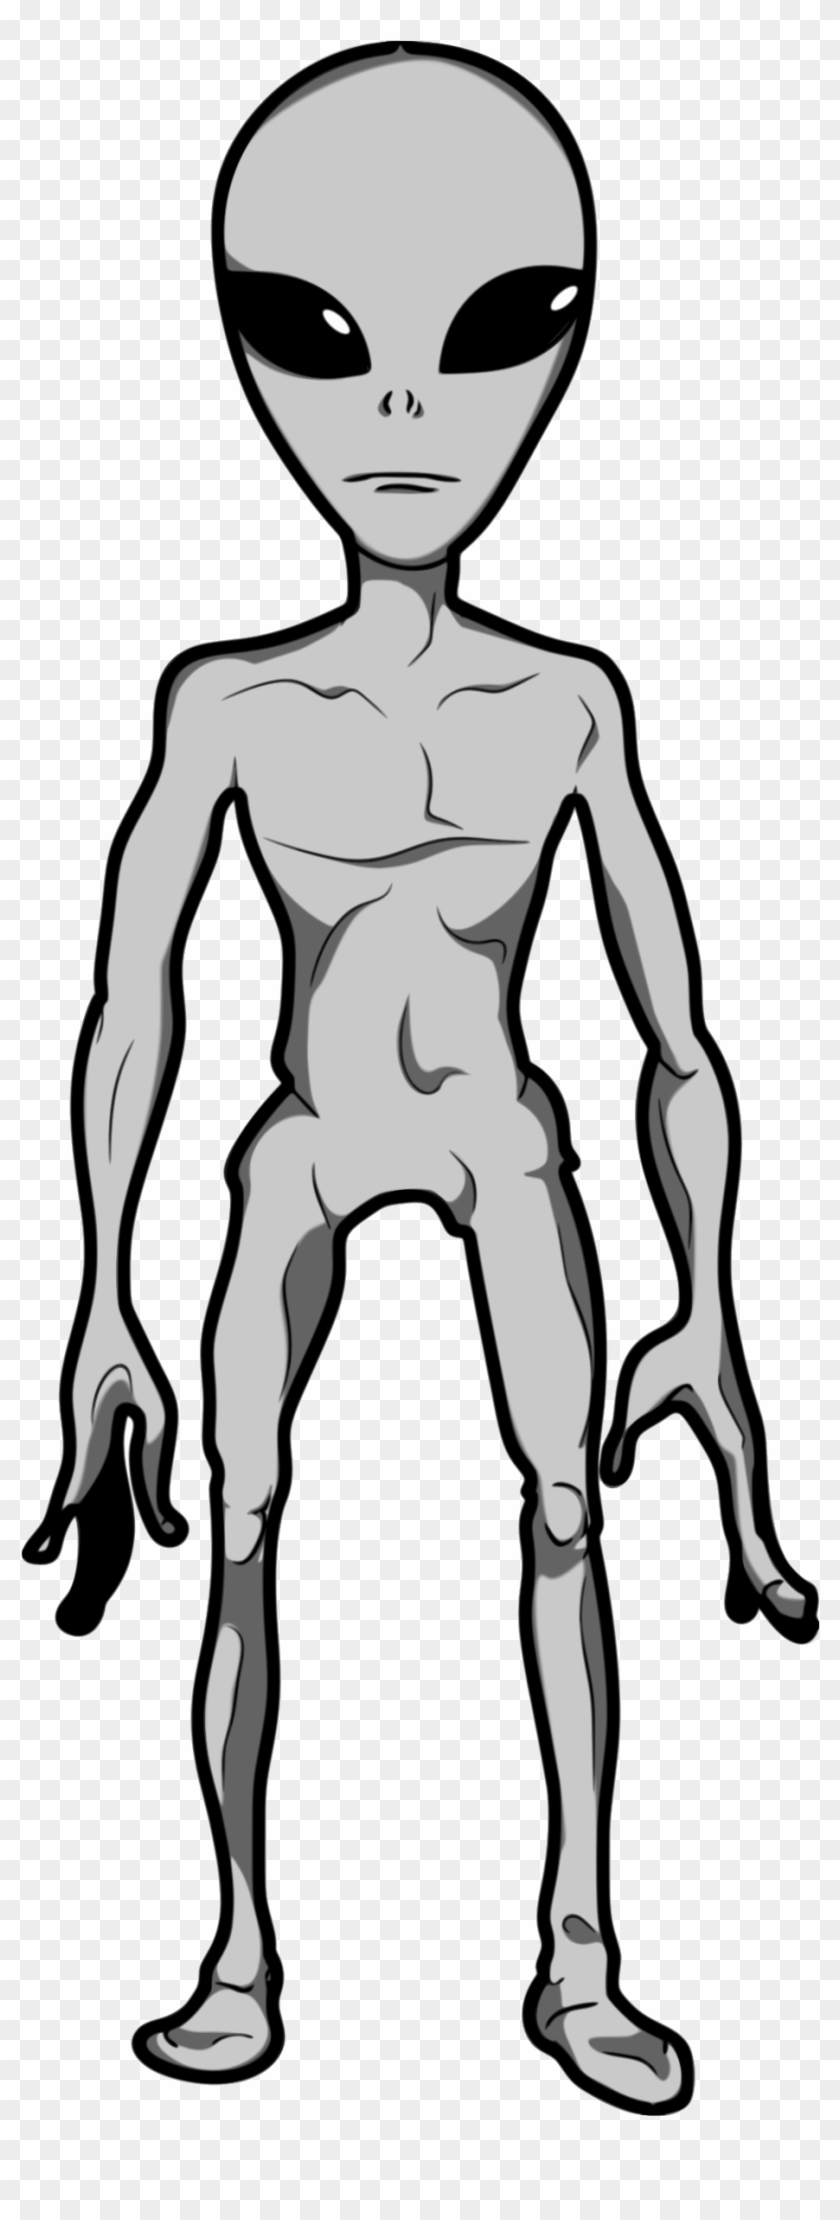 Space Clipart Grey Alien - Alien Full Body Drawing #596373